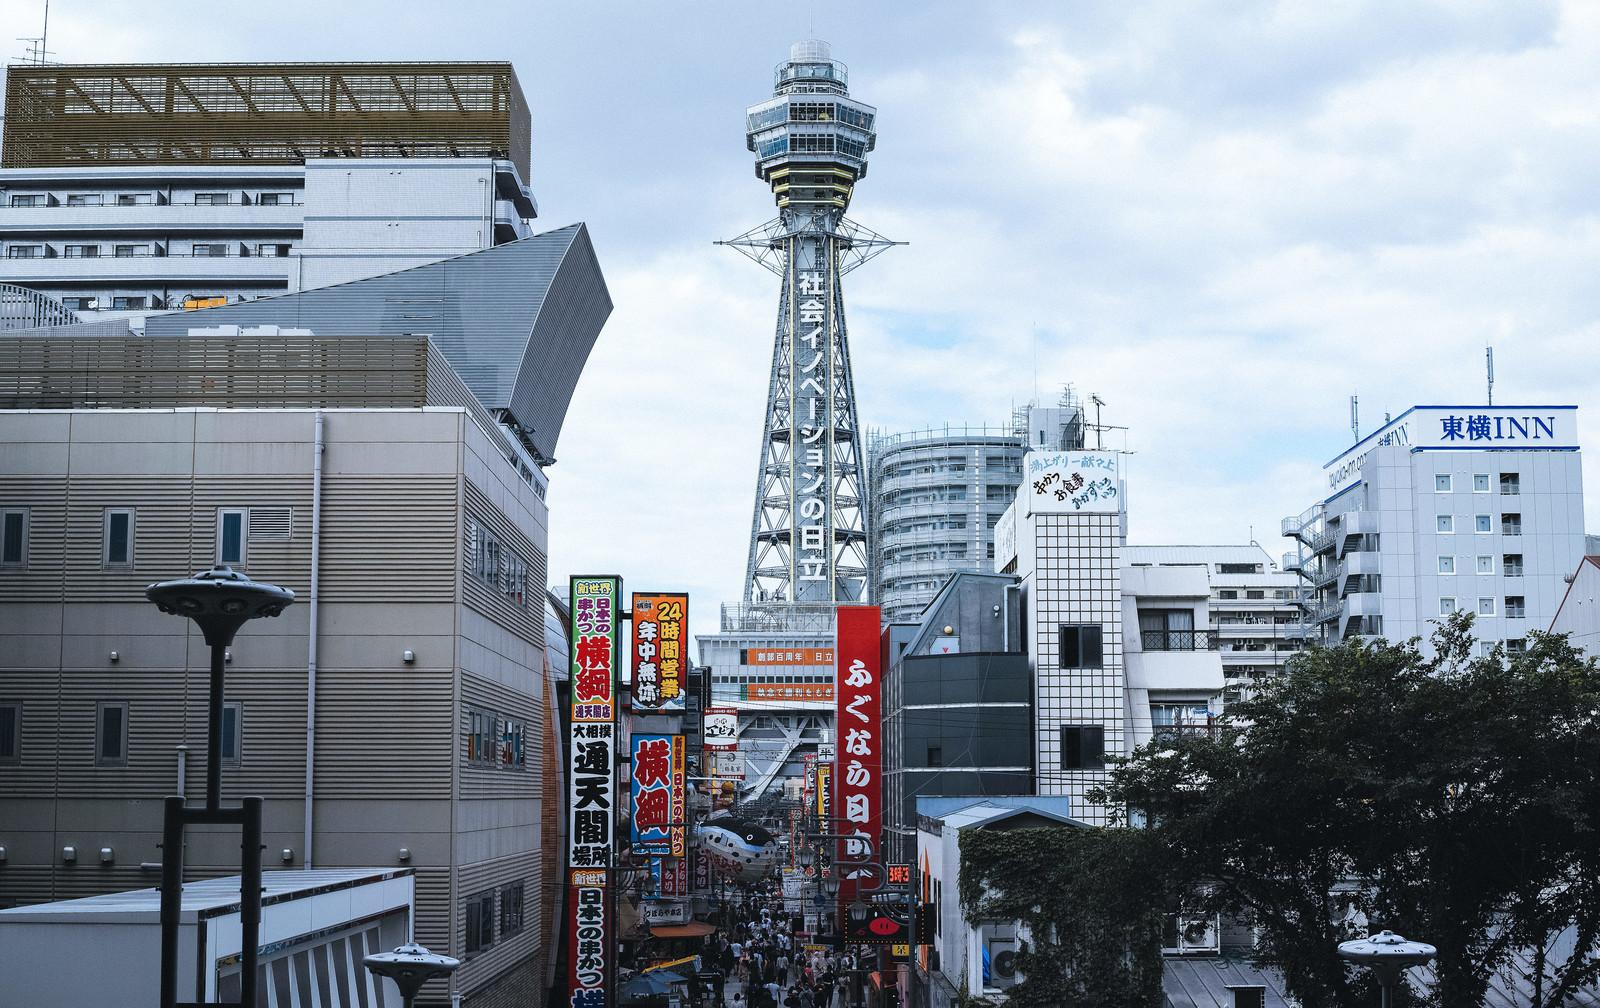 大阪では道路事情に精通することが重要です